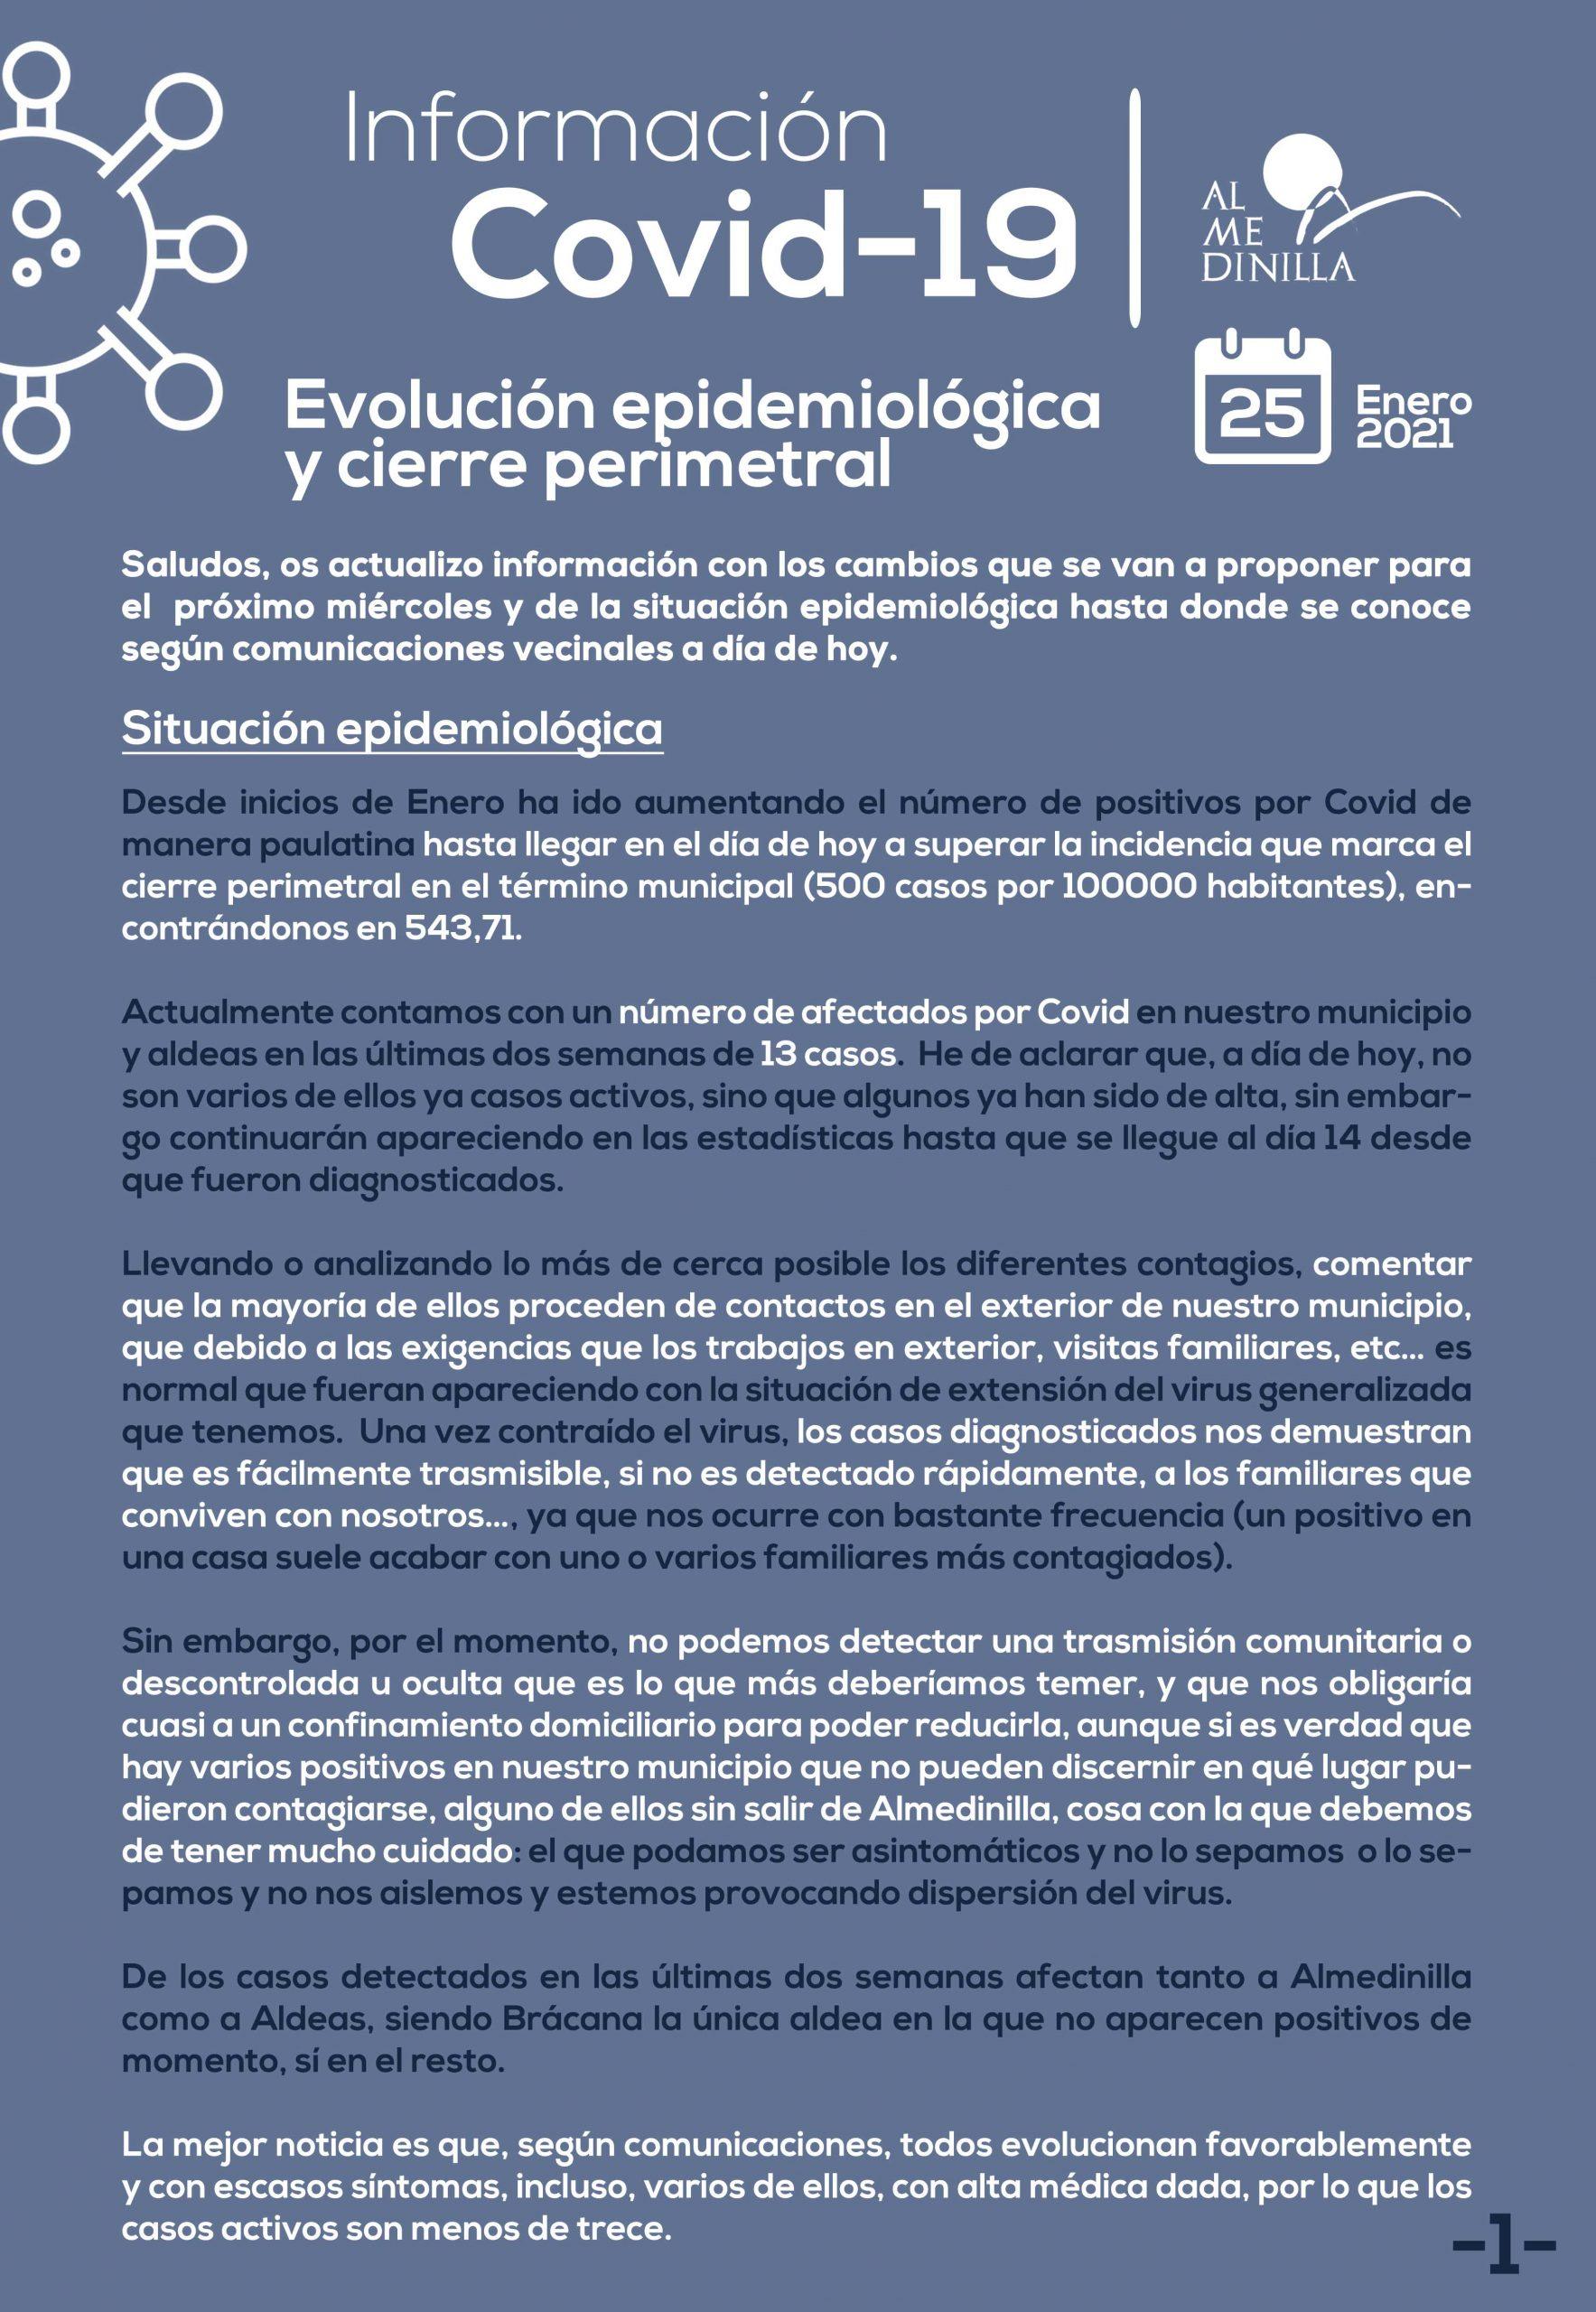 Evolución epidemiológica a 25 de enero 2021 y cierre perimetral de Almedinilla 1